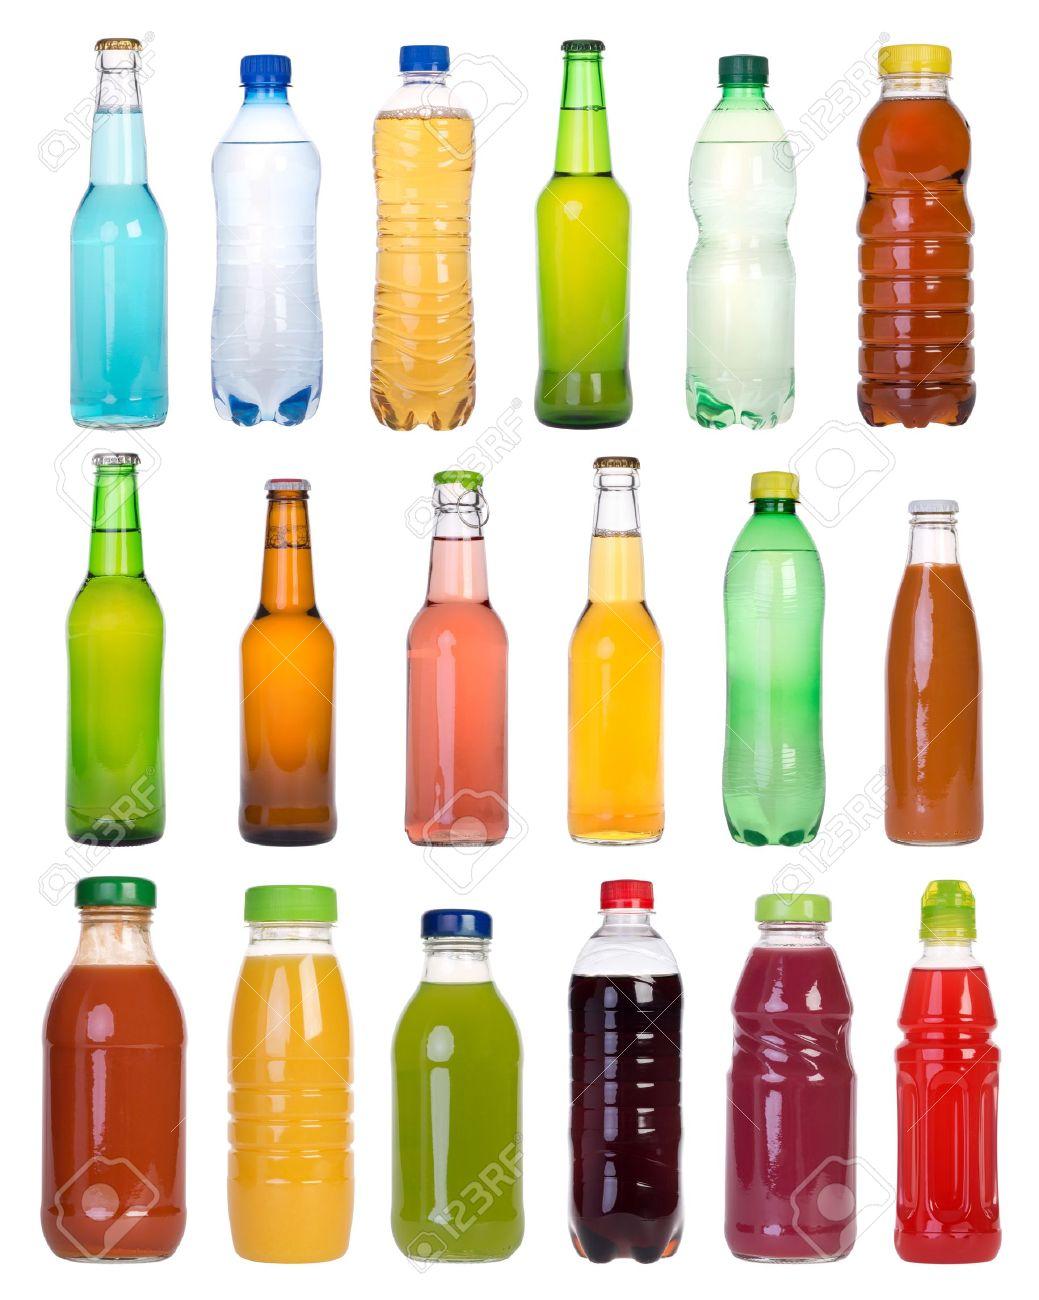 Drinks in bottles - 22136091